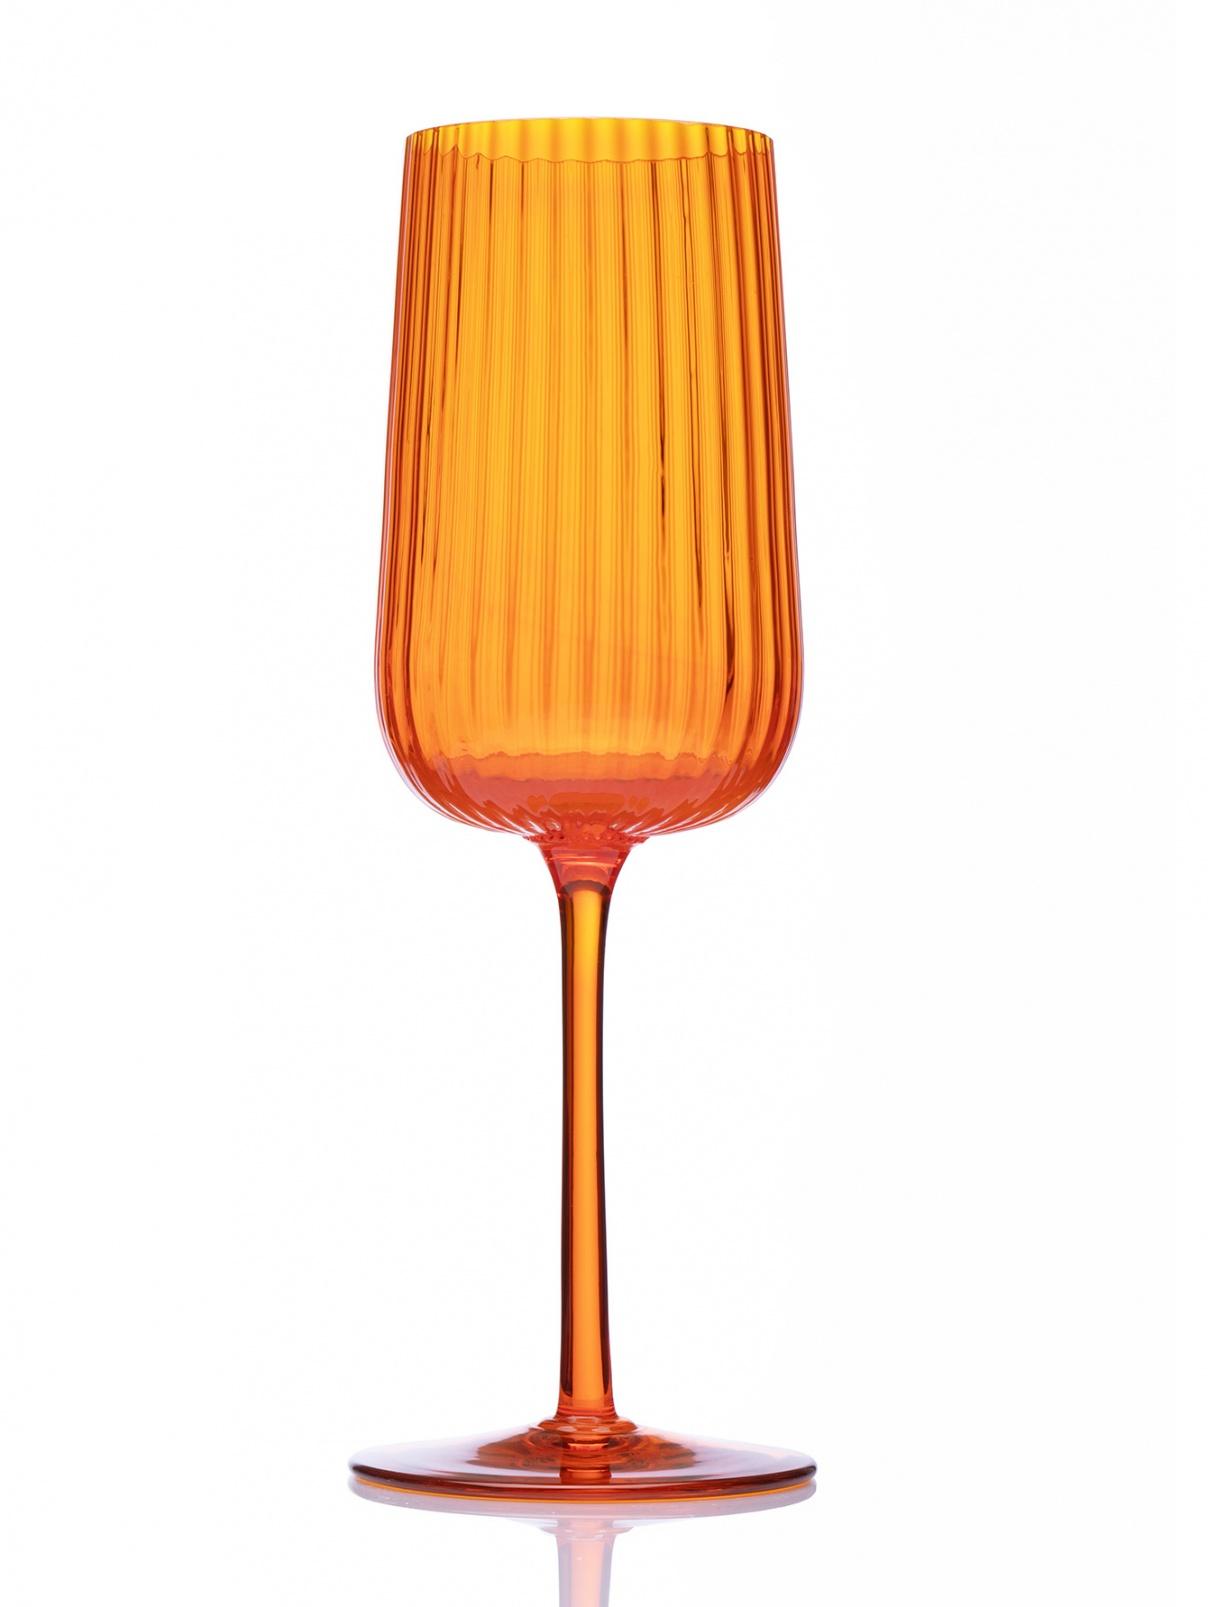 Бокал для белого вина, высота - 22 см, диаметр - 6,3 см NasonMoretti  –  Общий вид